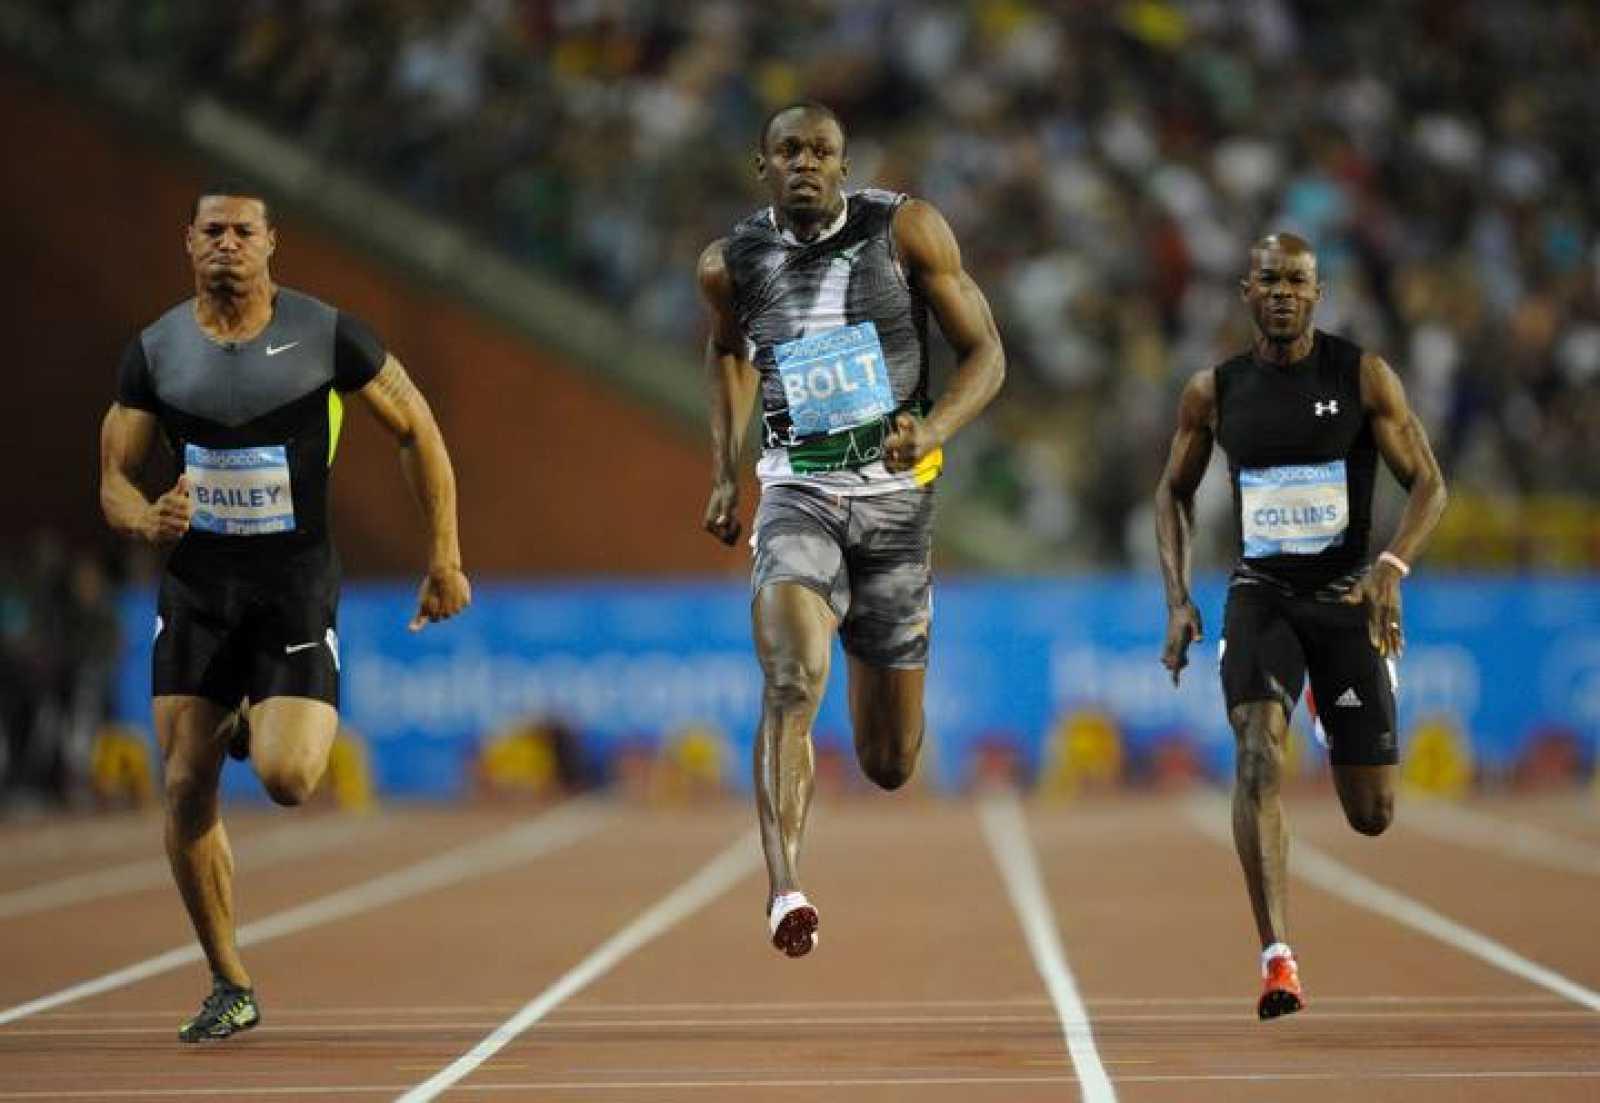 Usain Bolt compita en los 100m lisos en la reunión de la Diamond League en Bruselas, su última carrera en este año olímpico.